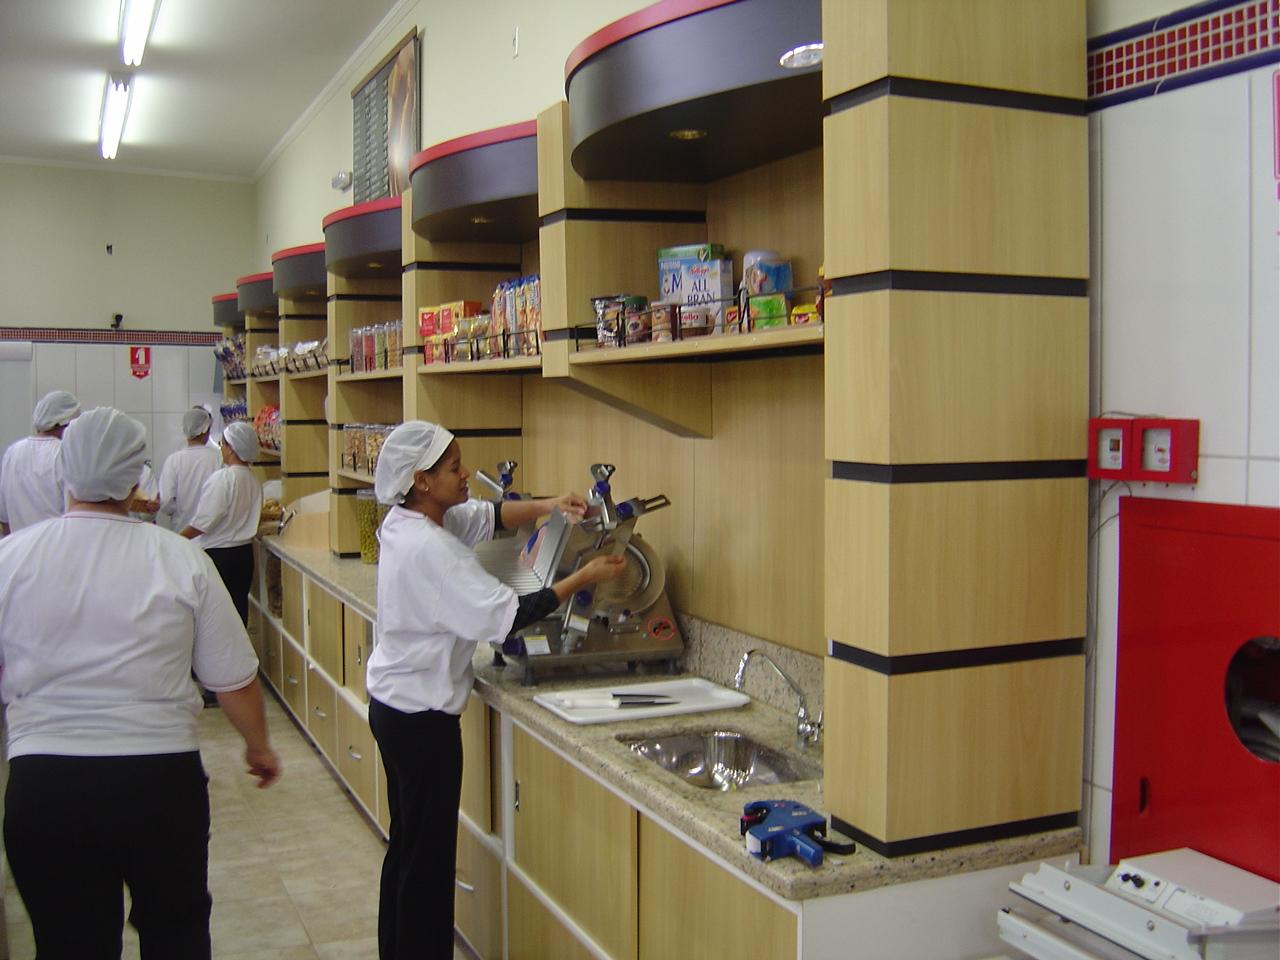 design e funcionalidade em expositores planejados para supermercados #722A20 1280 960